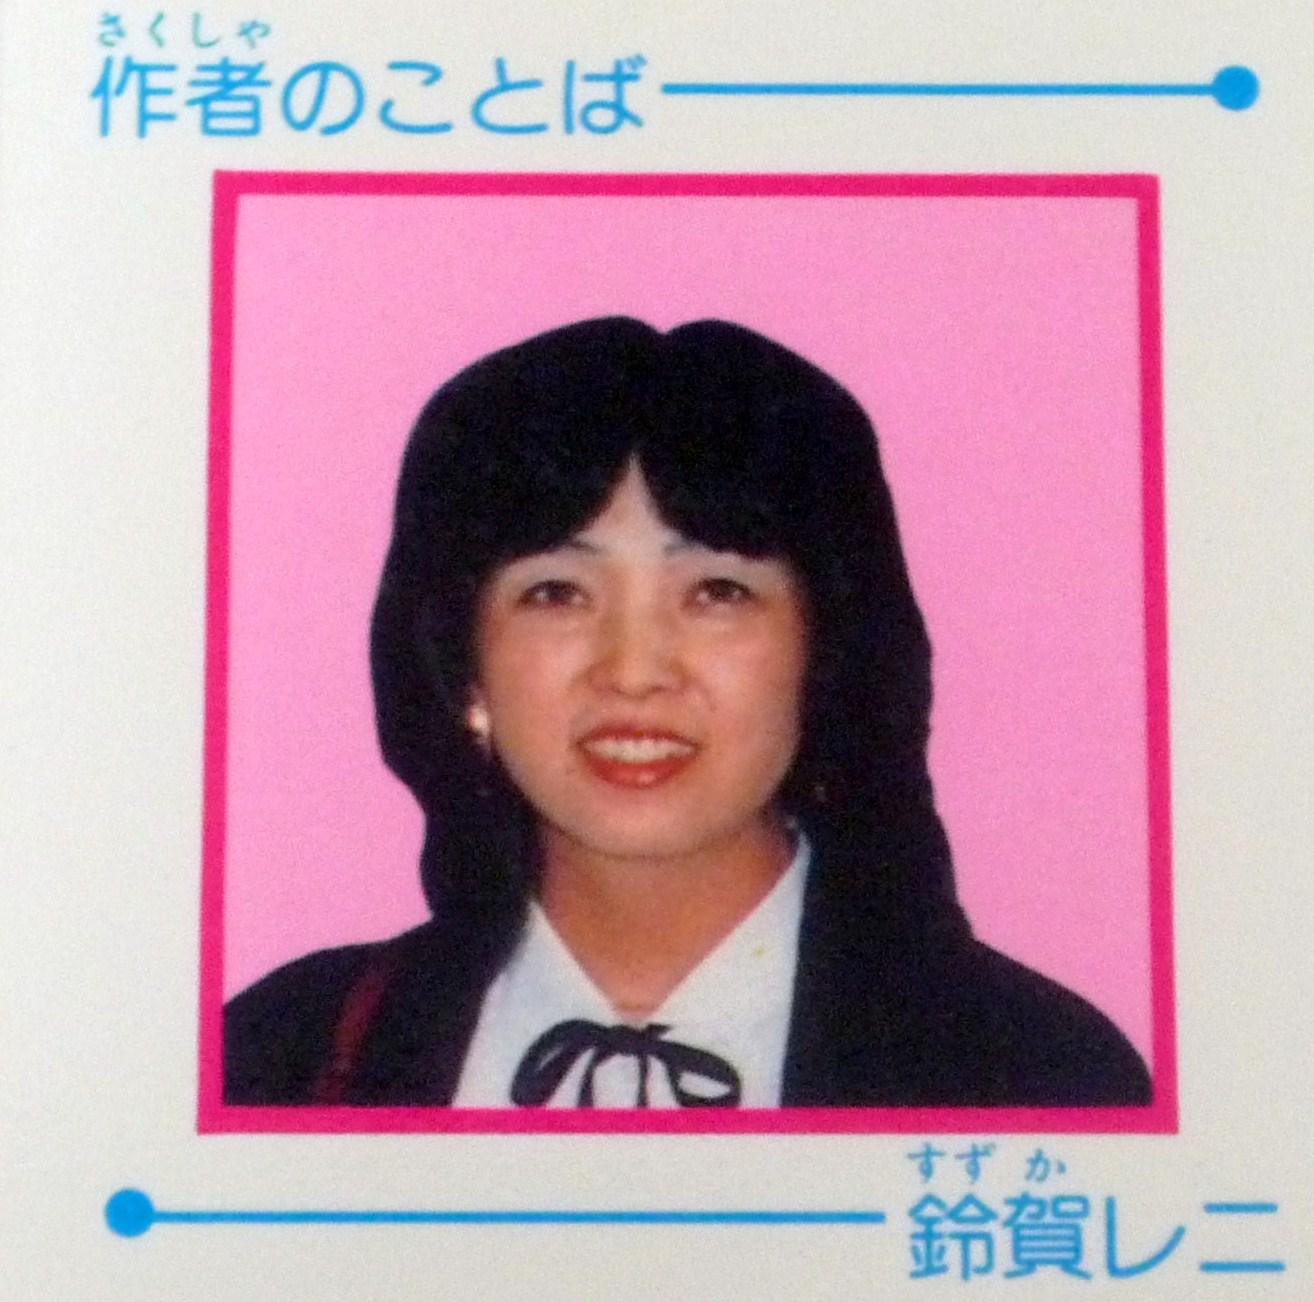 「鈴賀レニ」の画像検索結果